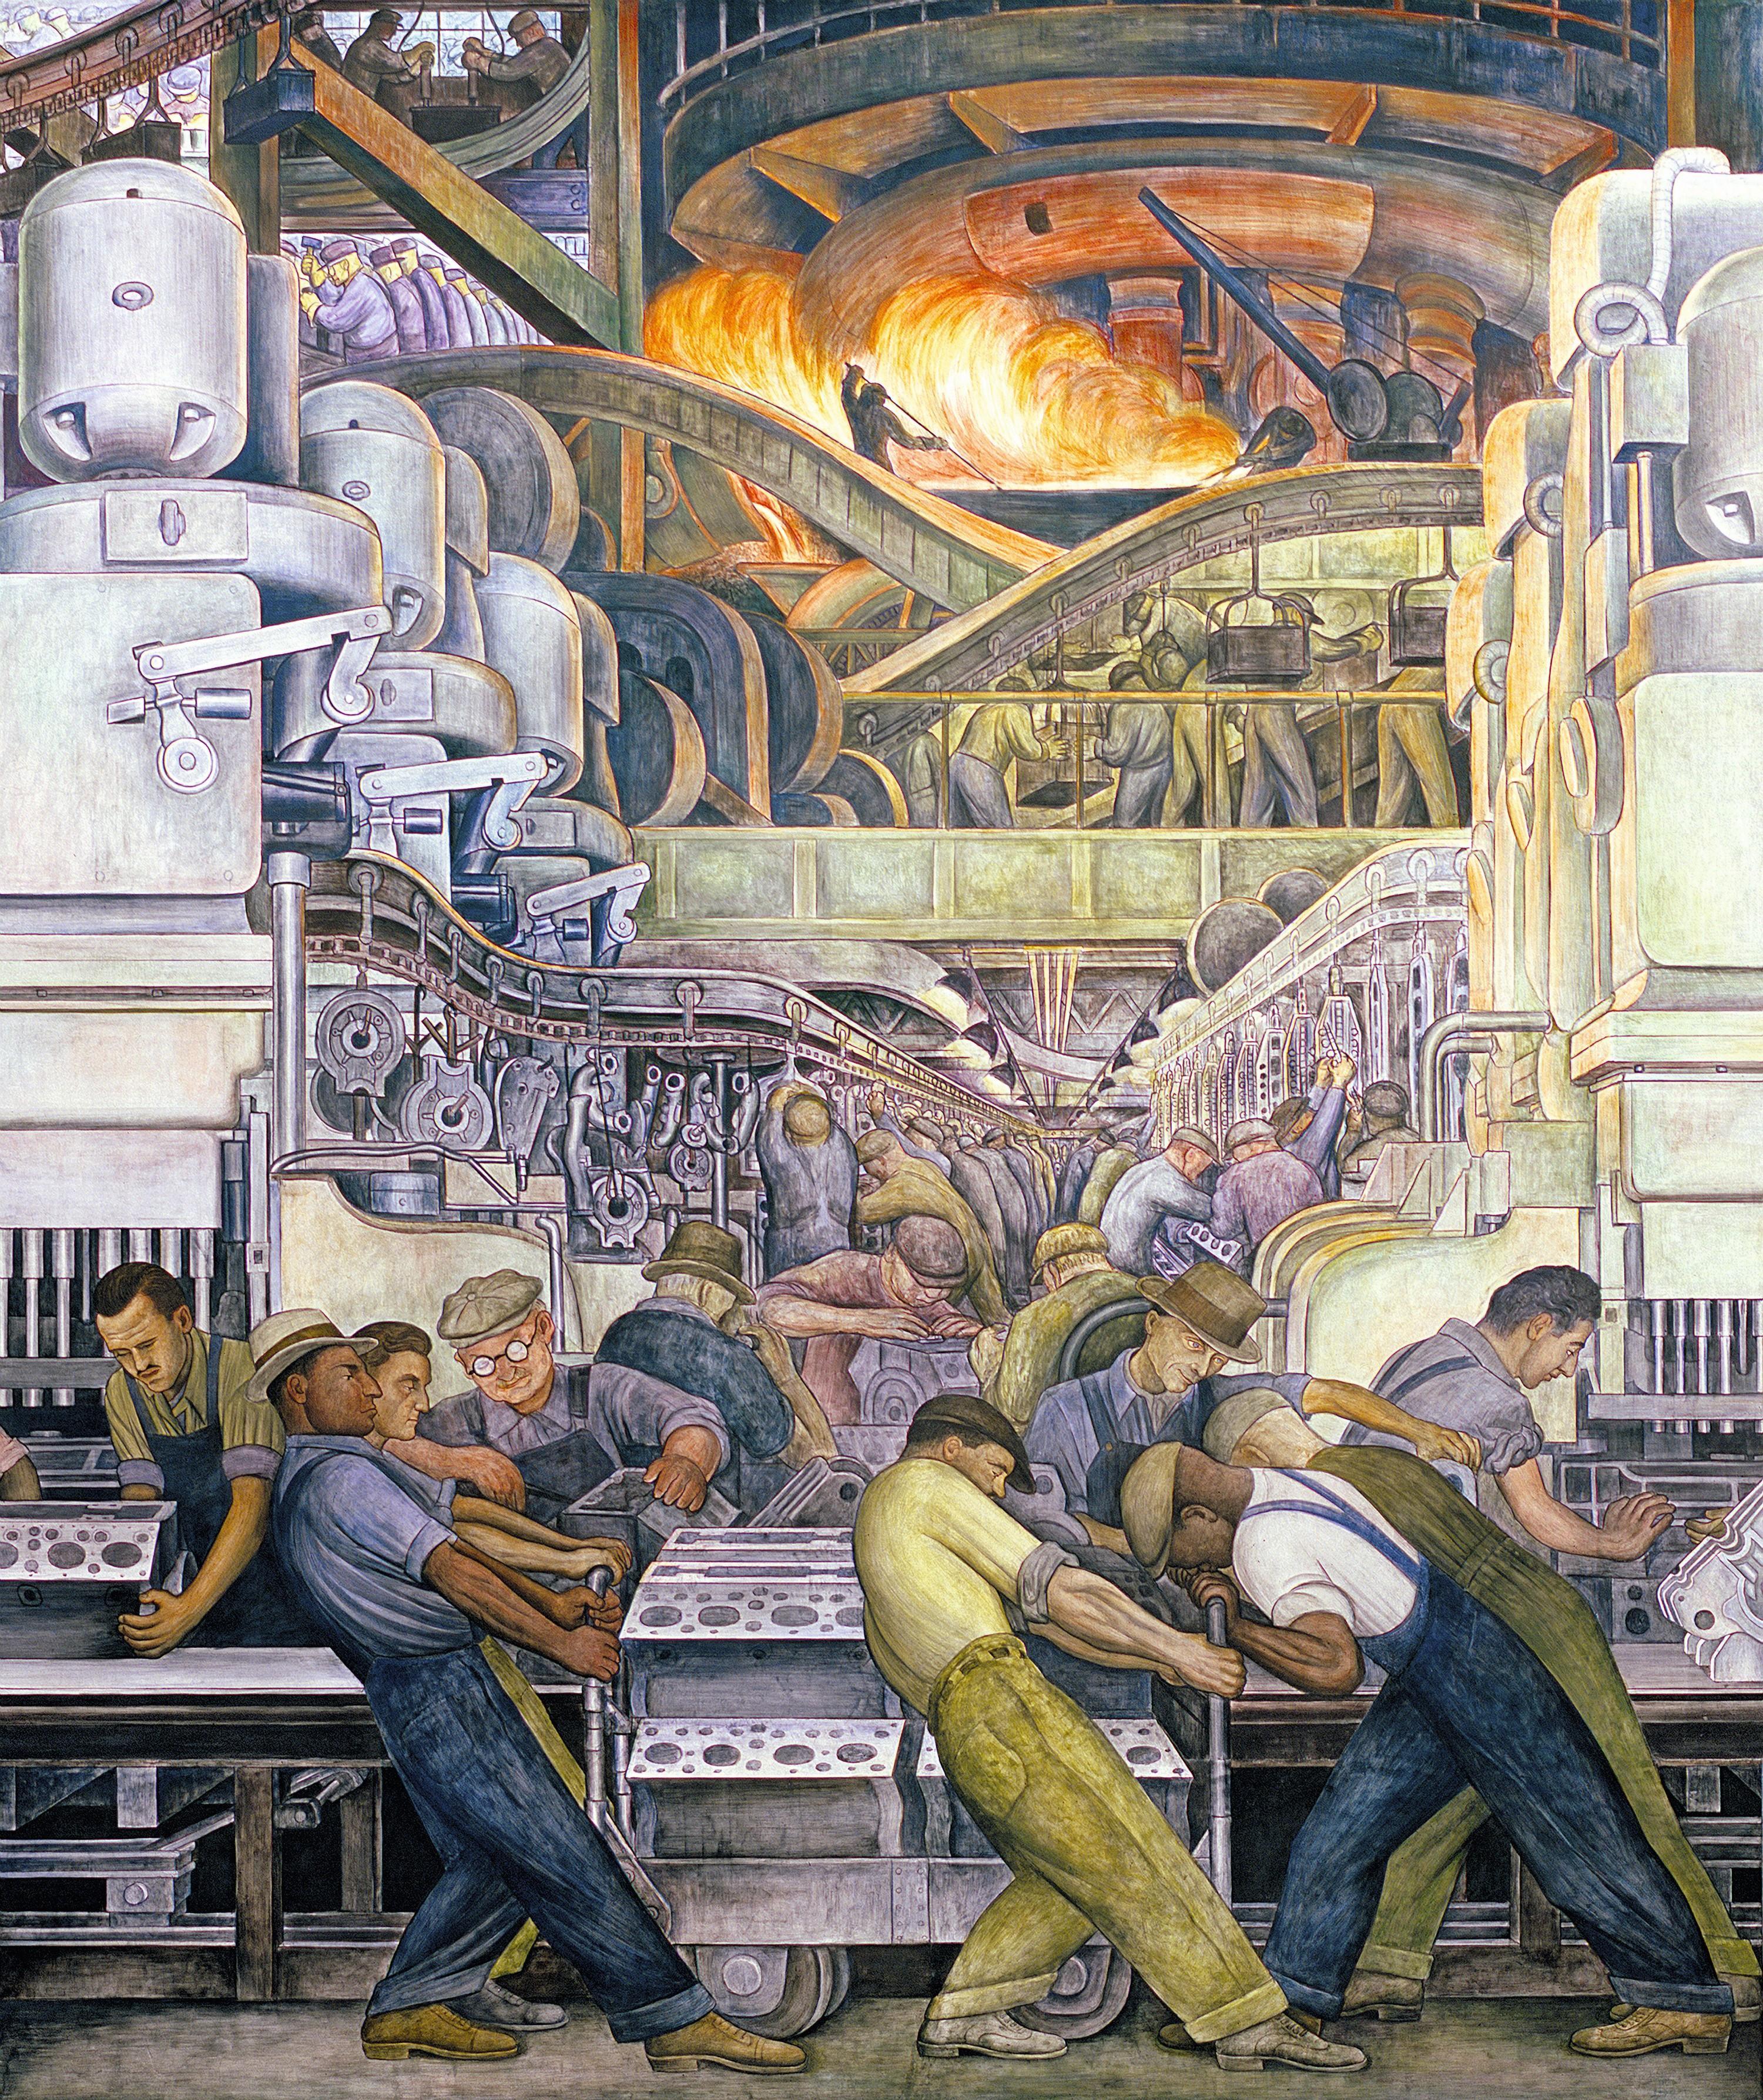 La production industrielle vue par Diego Rivera dans « L'Industrie de Détroit »